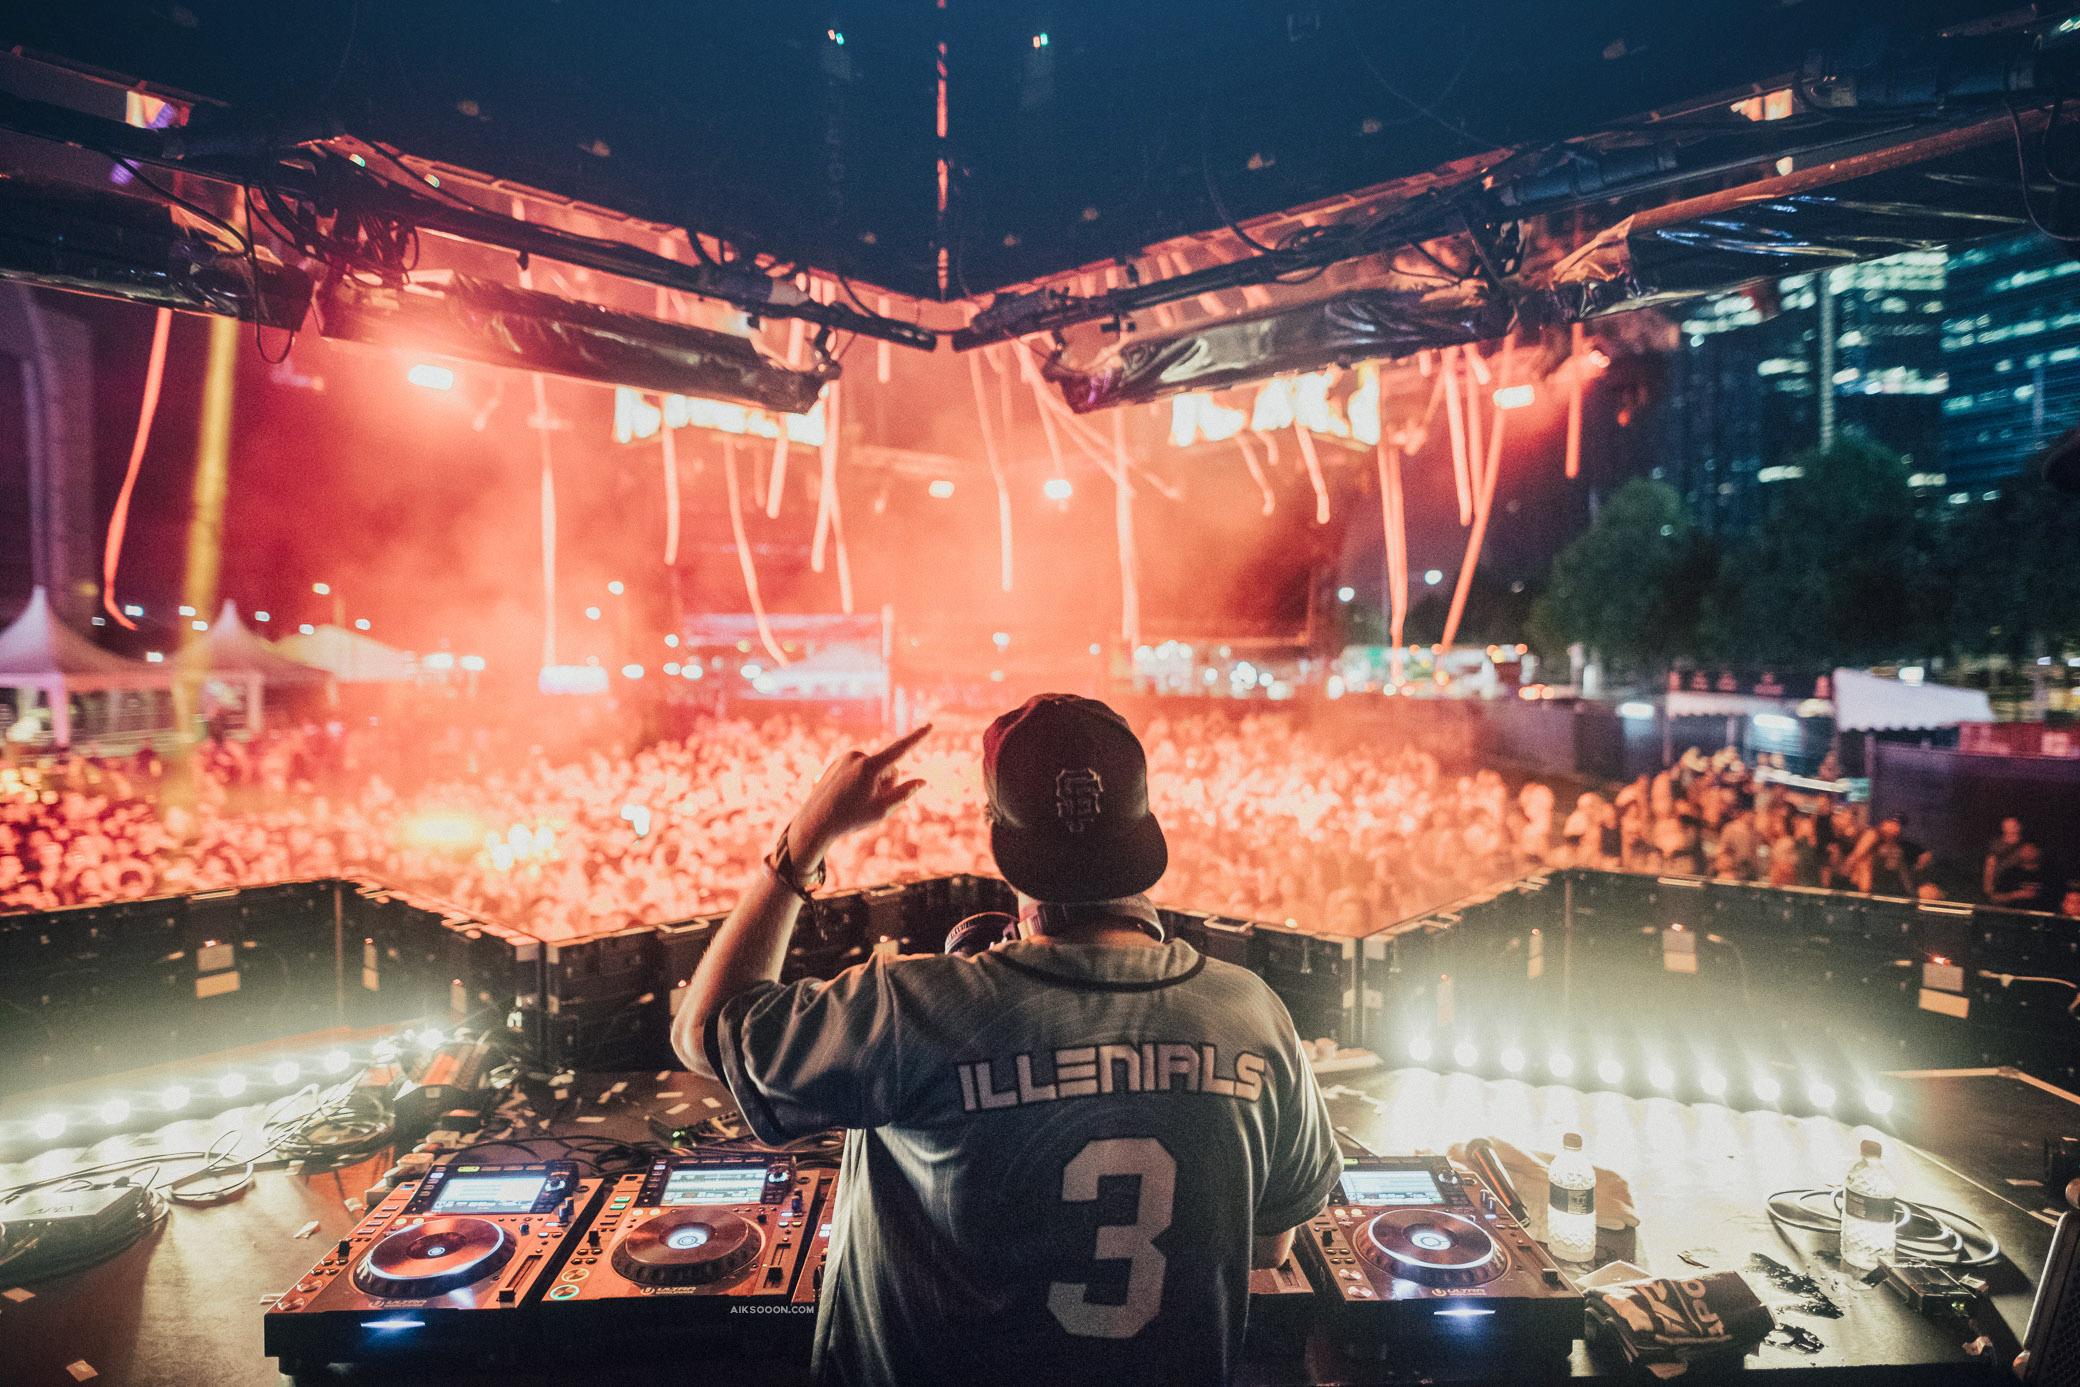 ULTRA MUSIC FESTIVAL 2018: ILLENIUM